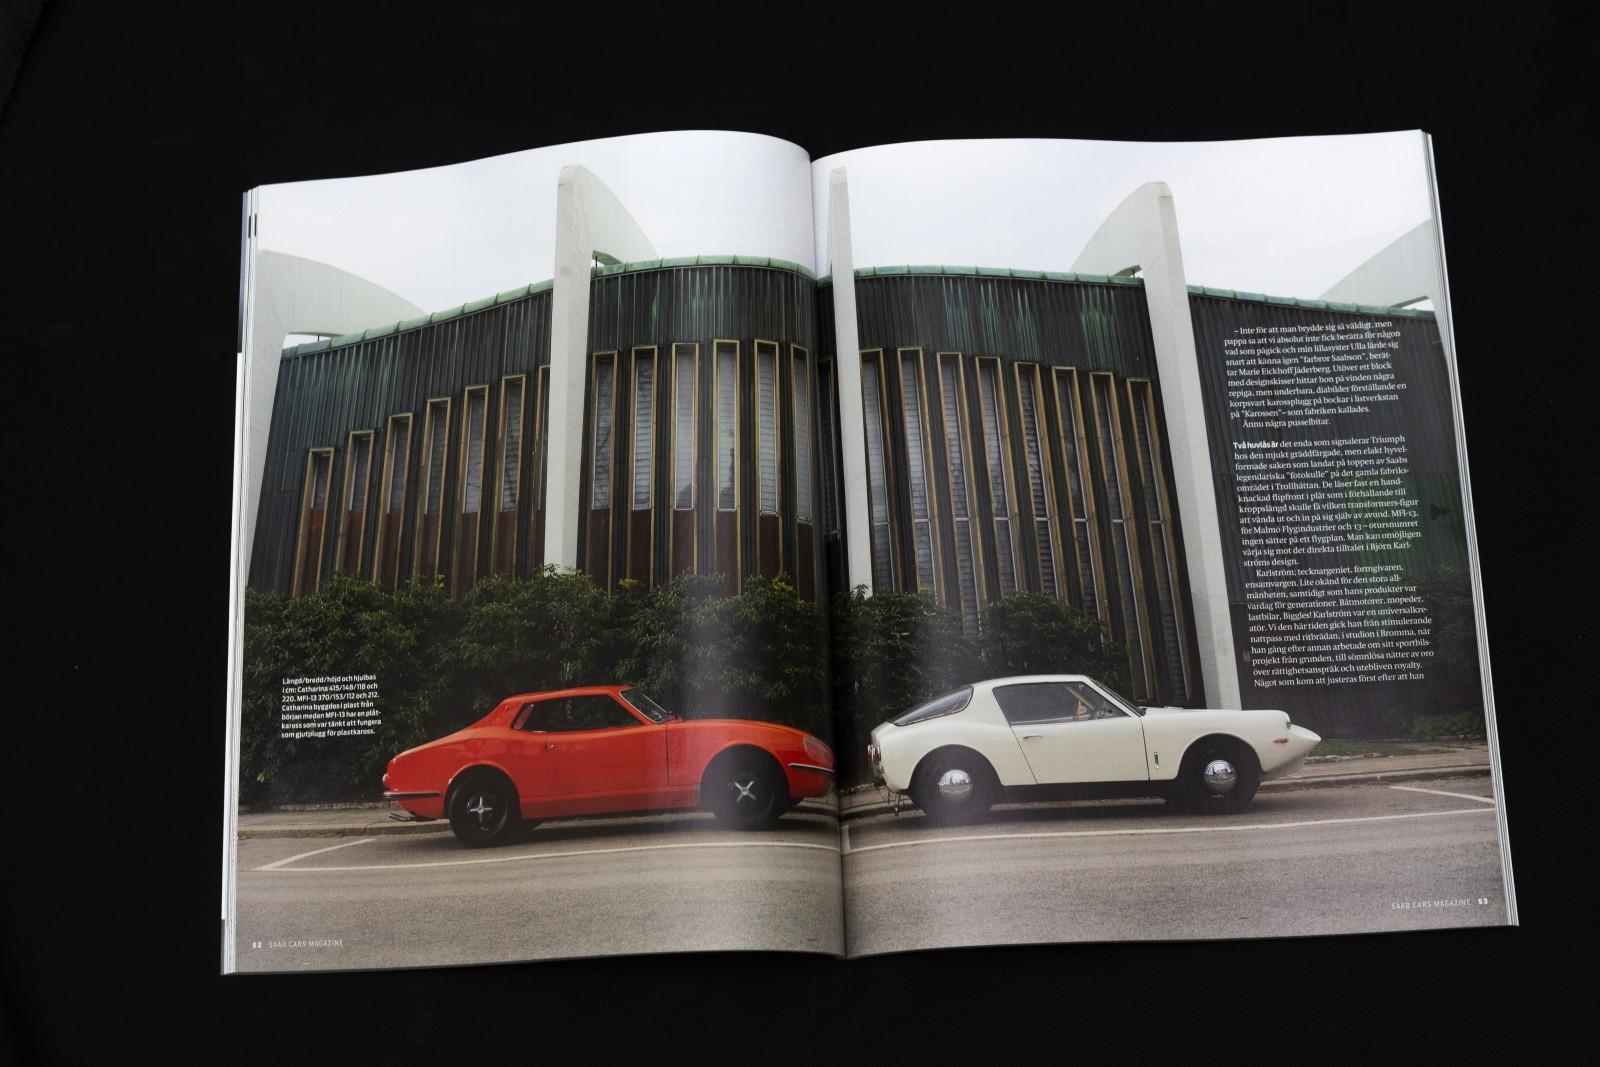 Vinnaren skriver historien. Men historien är full av sidospår och oväntade vändningar – som när Saab på 1960-talet skulle bli sportbilstillverkare! Två prototyper konkurrerade i ett projekt som döljer både bitterhet, svek och pur genialitet. Men hur mycket tävling var det egentligen mellan Catharina och MFI-13?